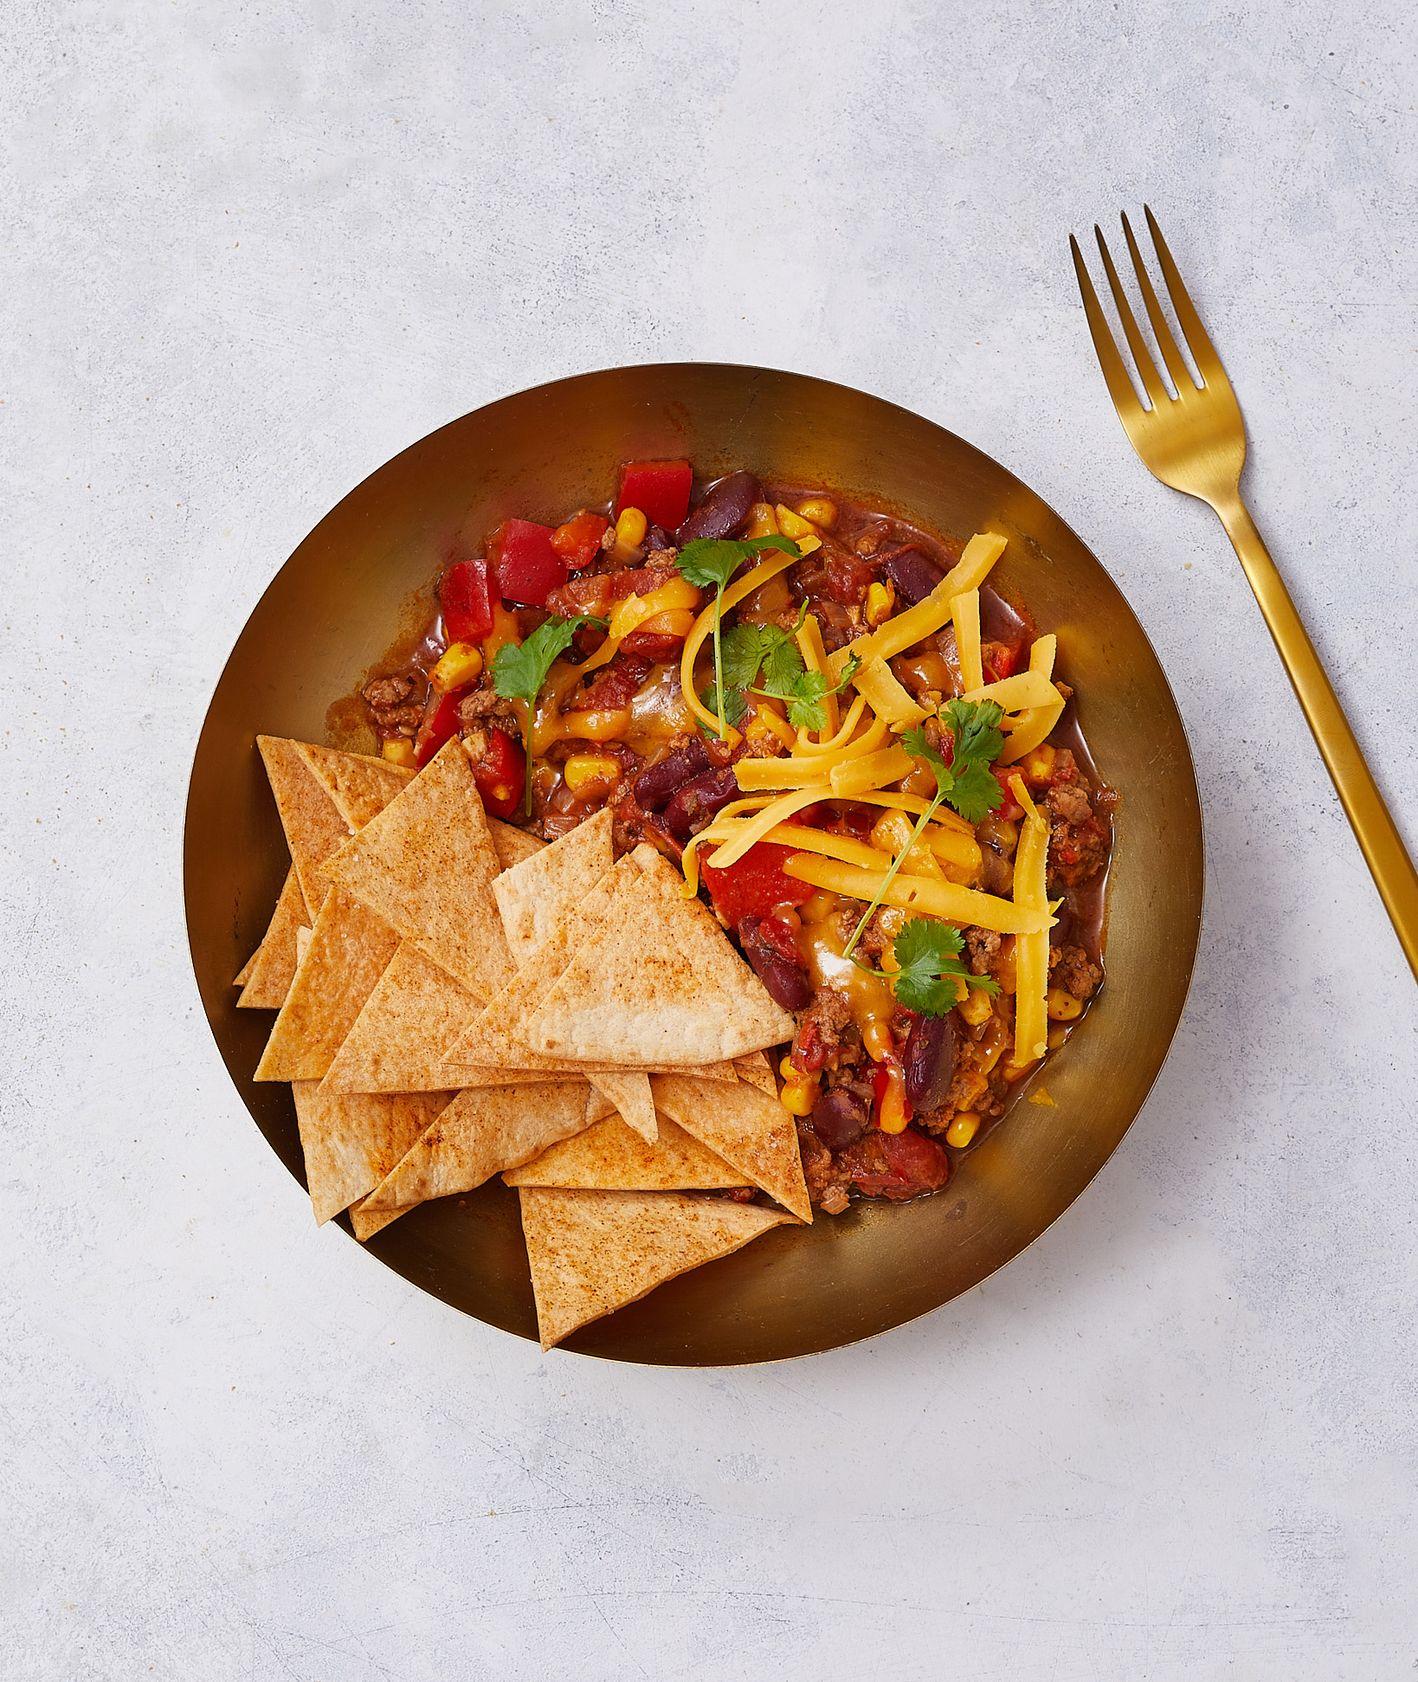 Ale Meksyk! Klasyczne chili con carne z cheddarem i domowymi nachosami (fot. Maciek Niemojewski)